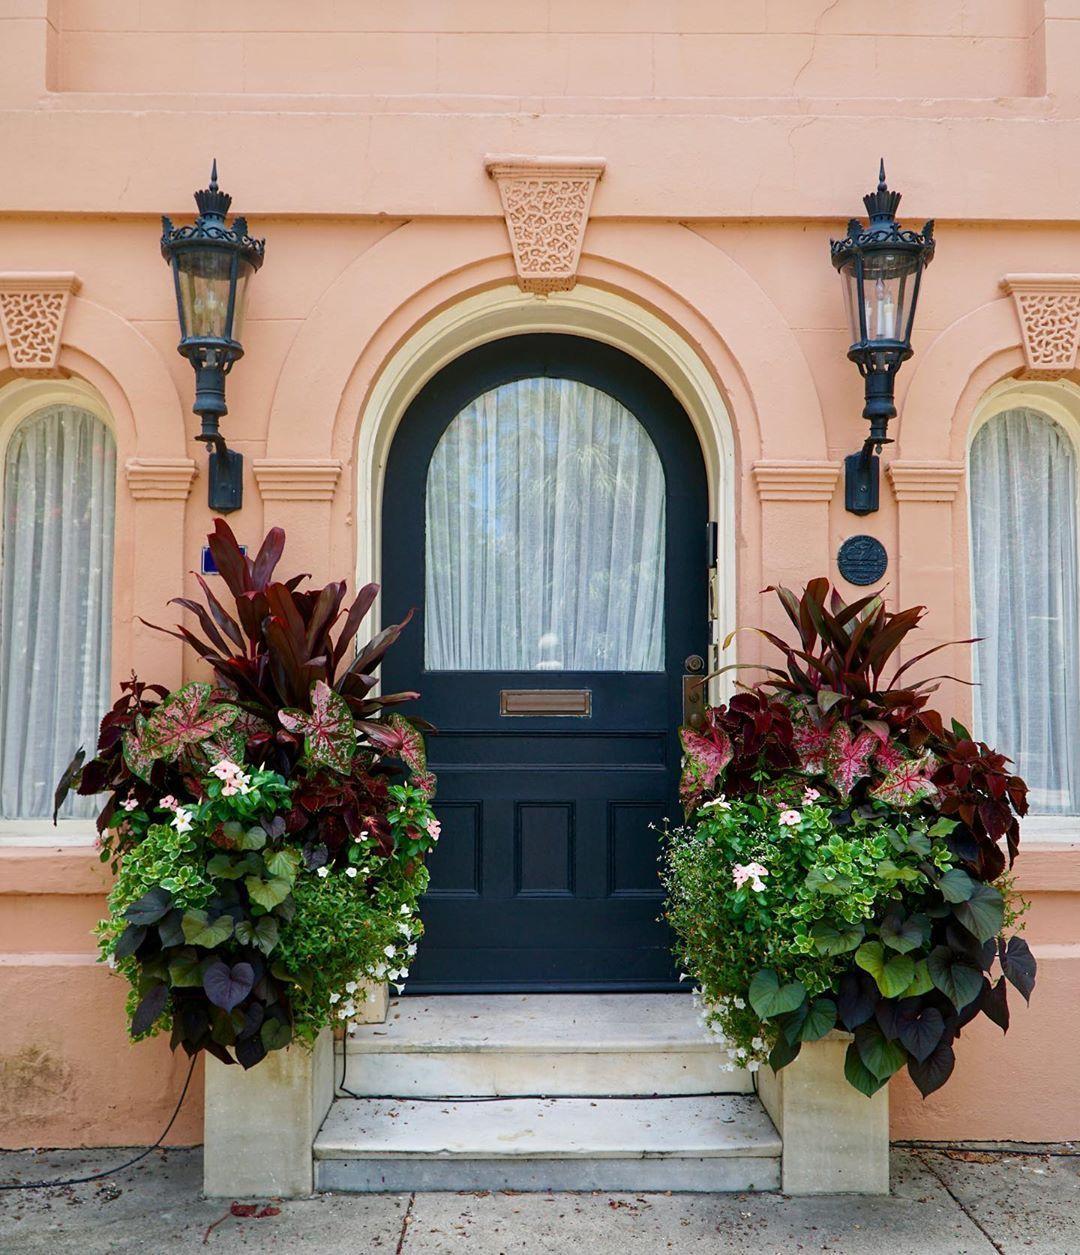 Good Morning From Charleston! Https://www.instagram.com/p